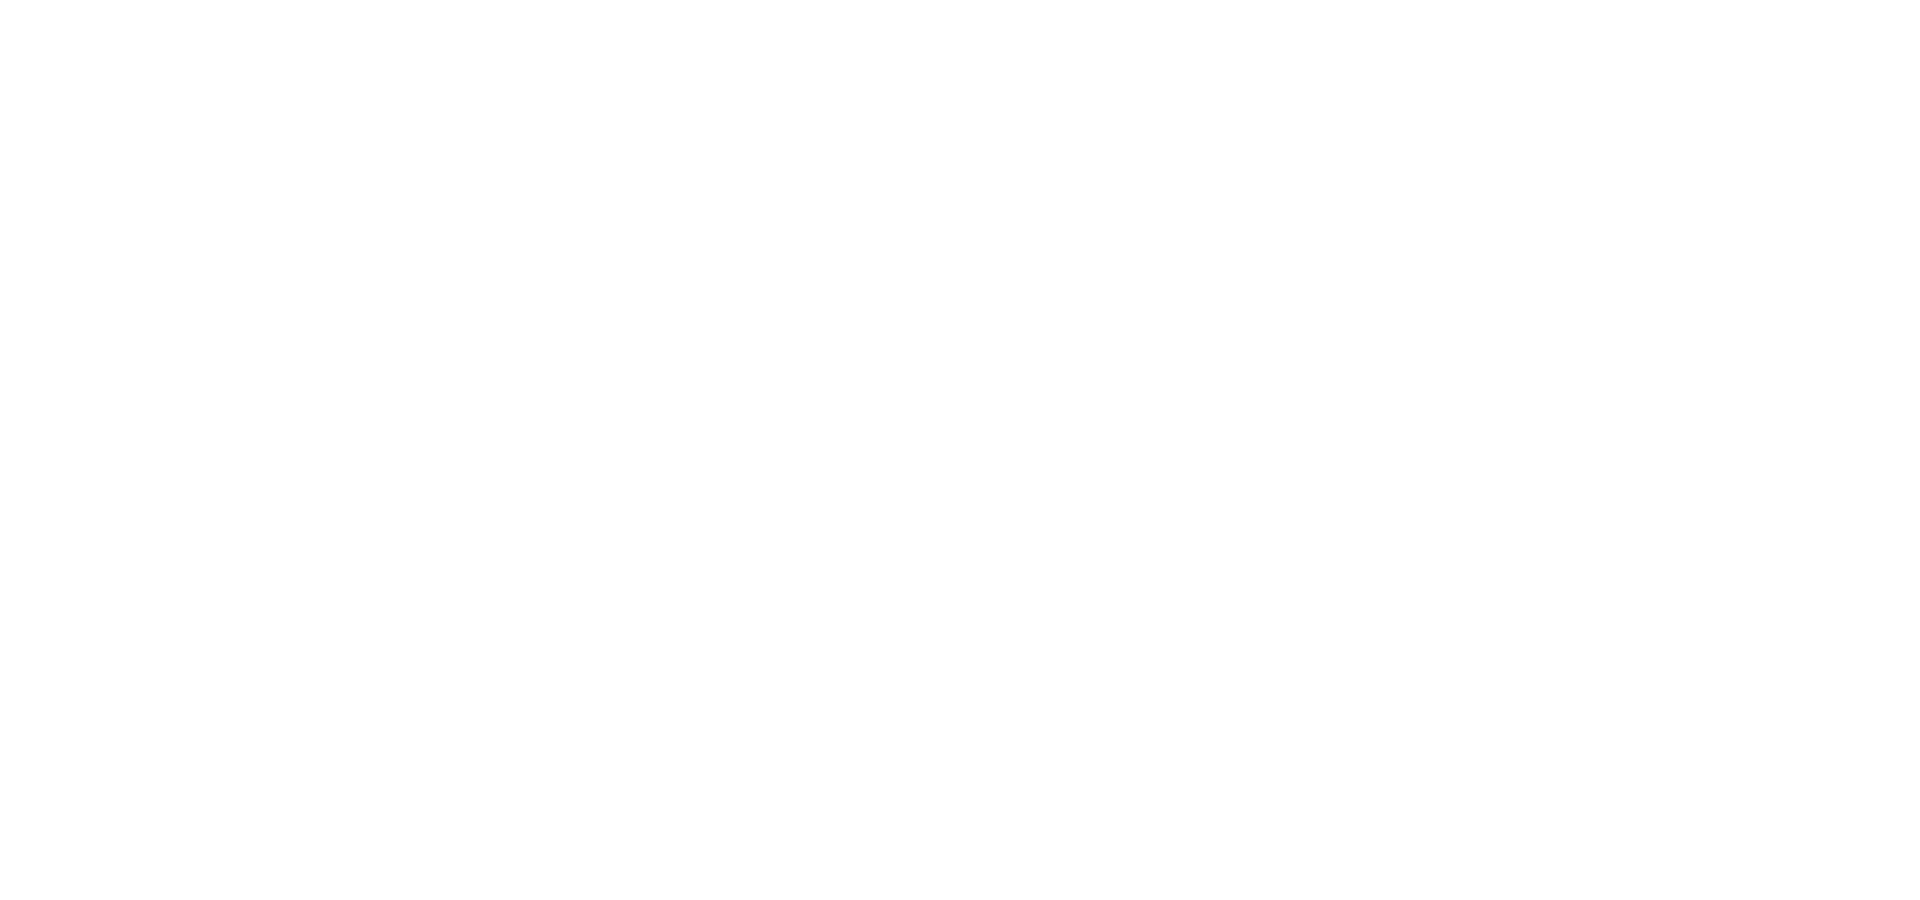 Placeholder desktop